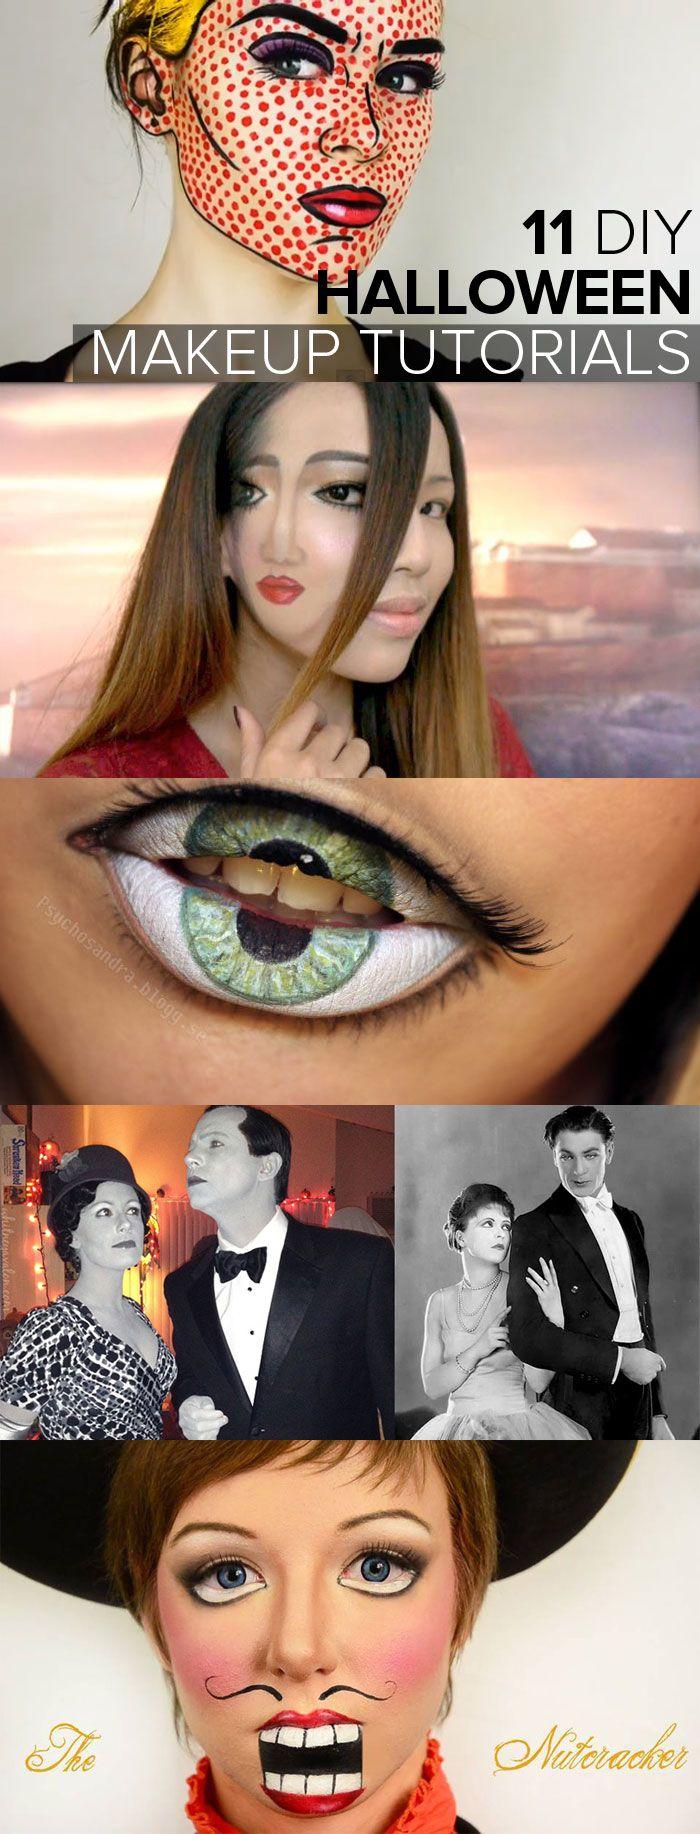 11 diy halloween makeup ideas | pinterest | diy halloween makeup